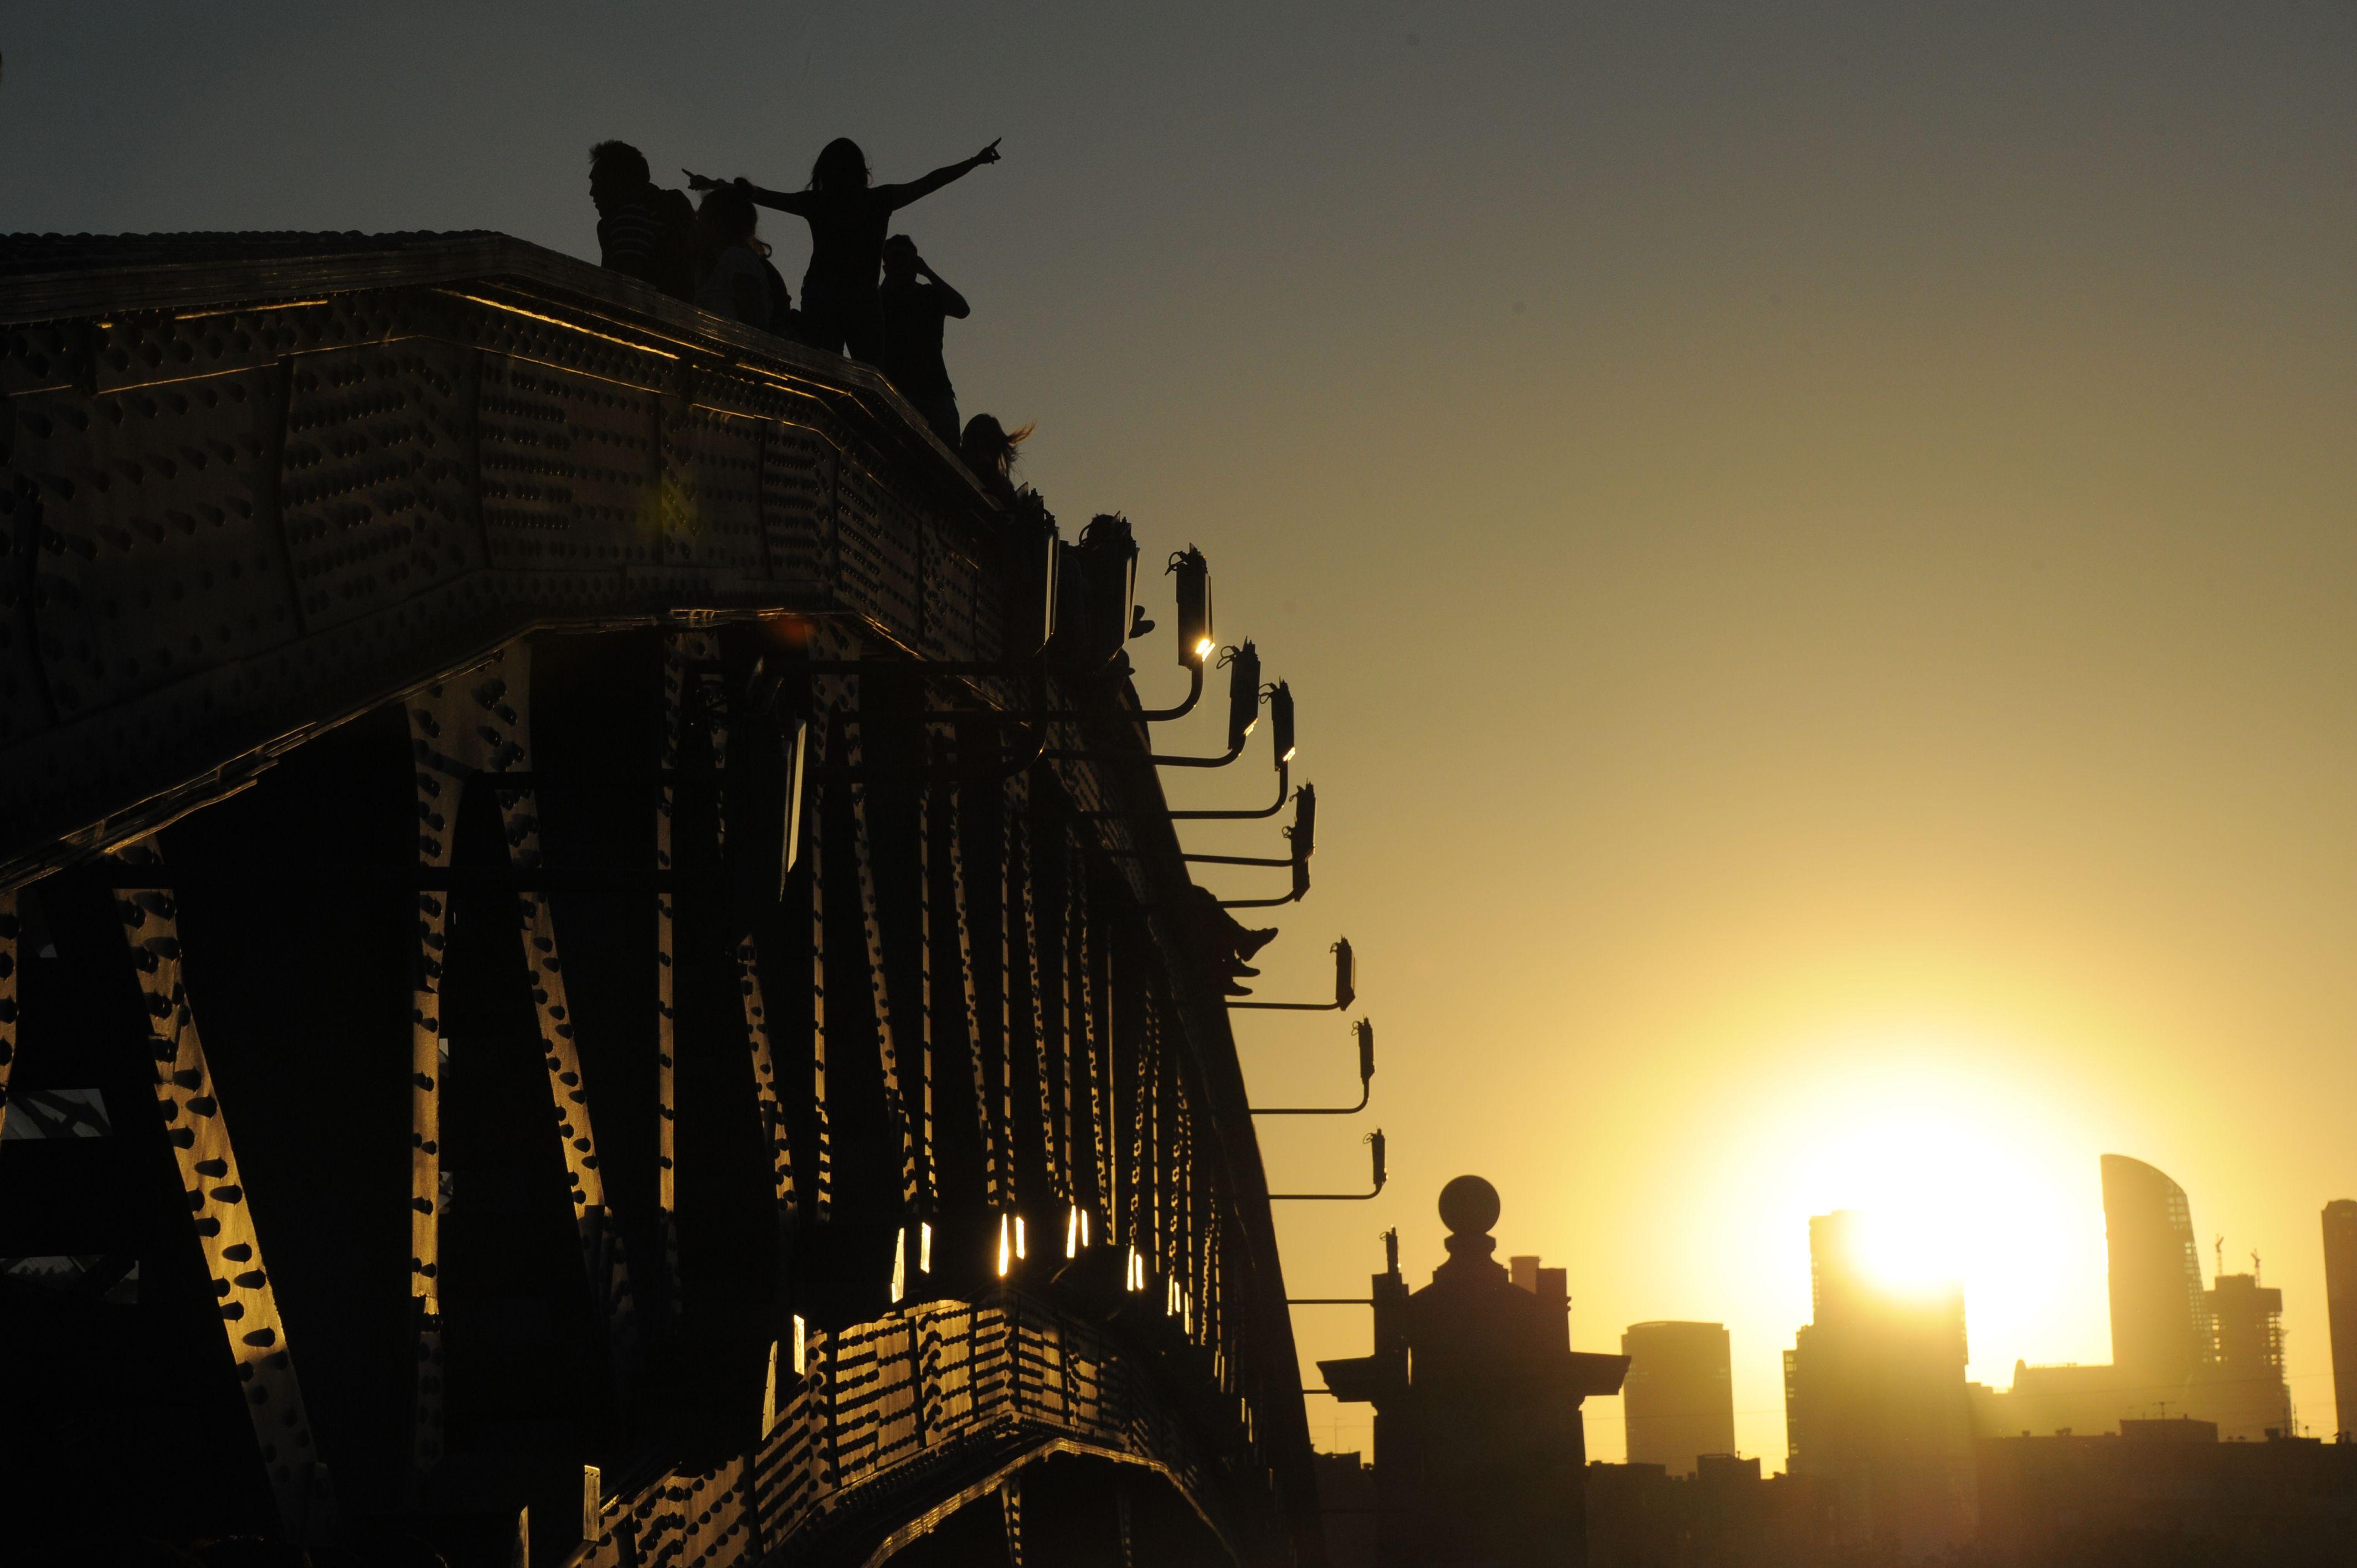 Жителей Москвы ждет повышение температуры на 5,5 градуса к 2050 году